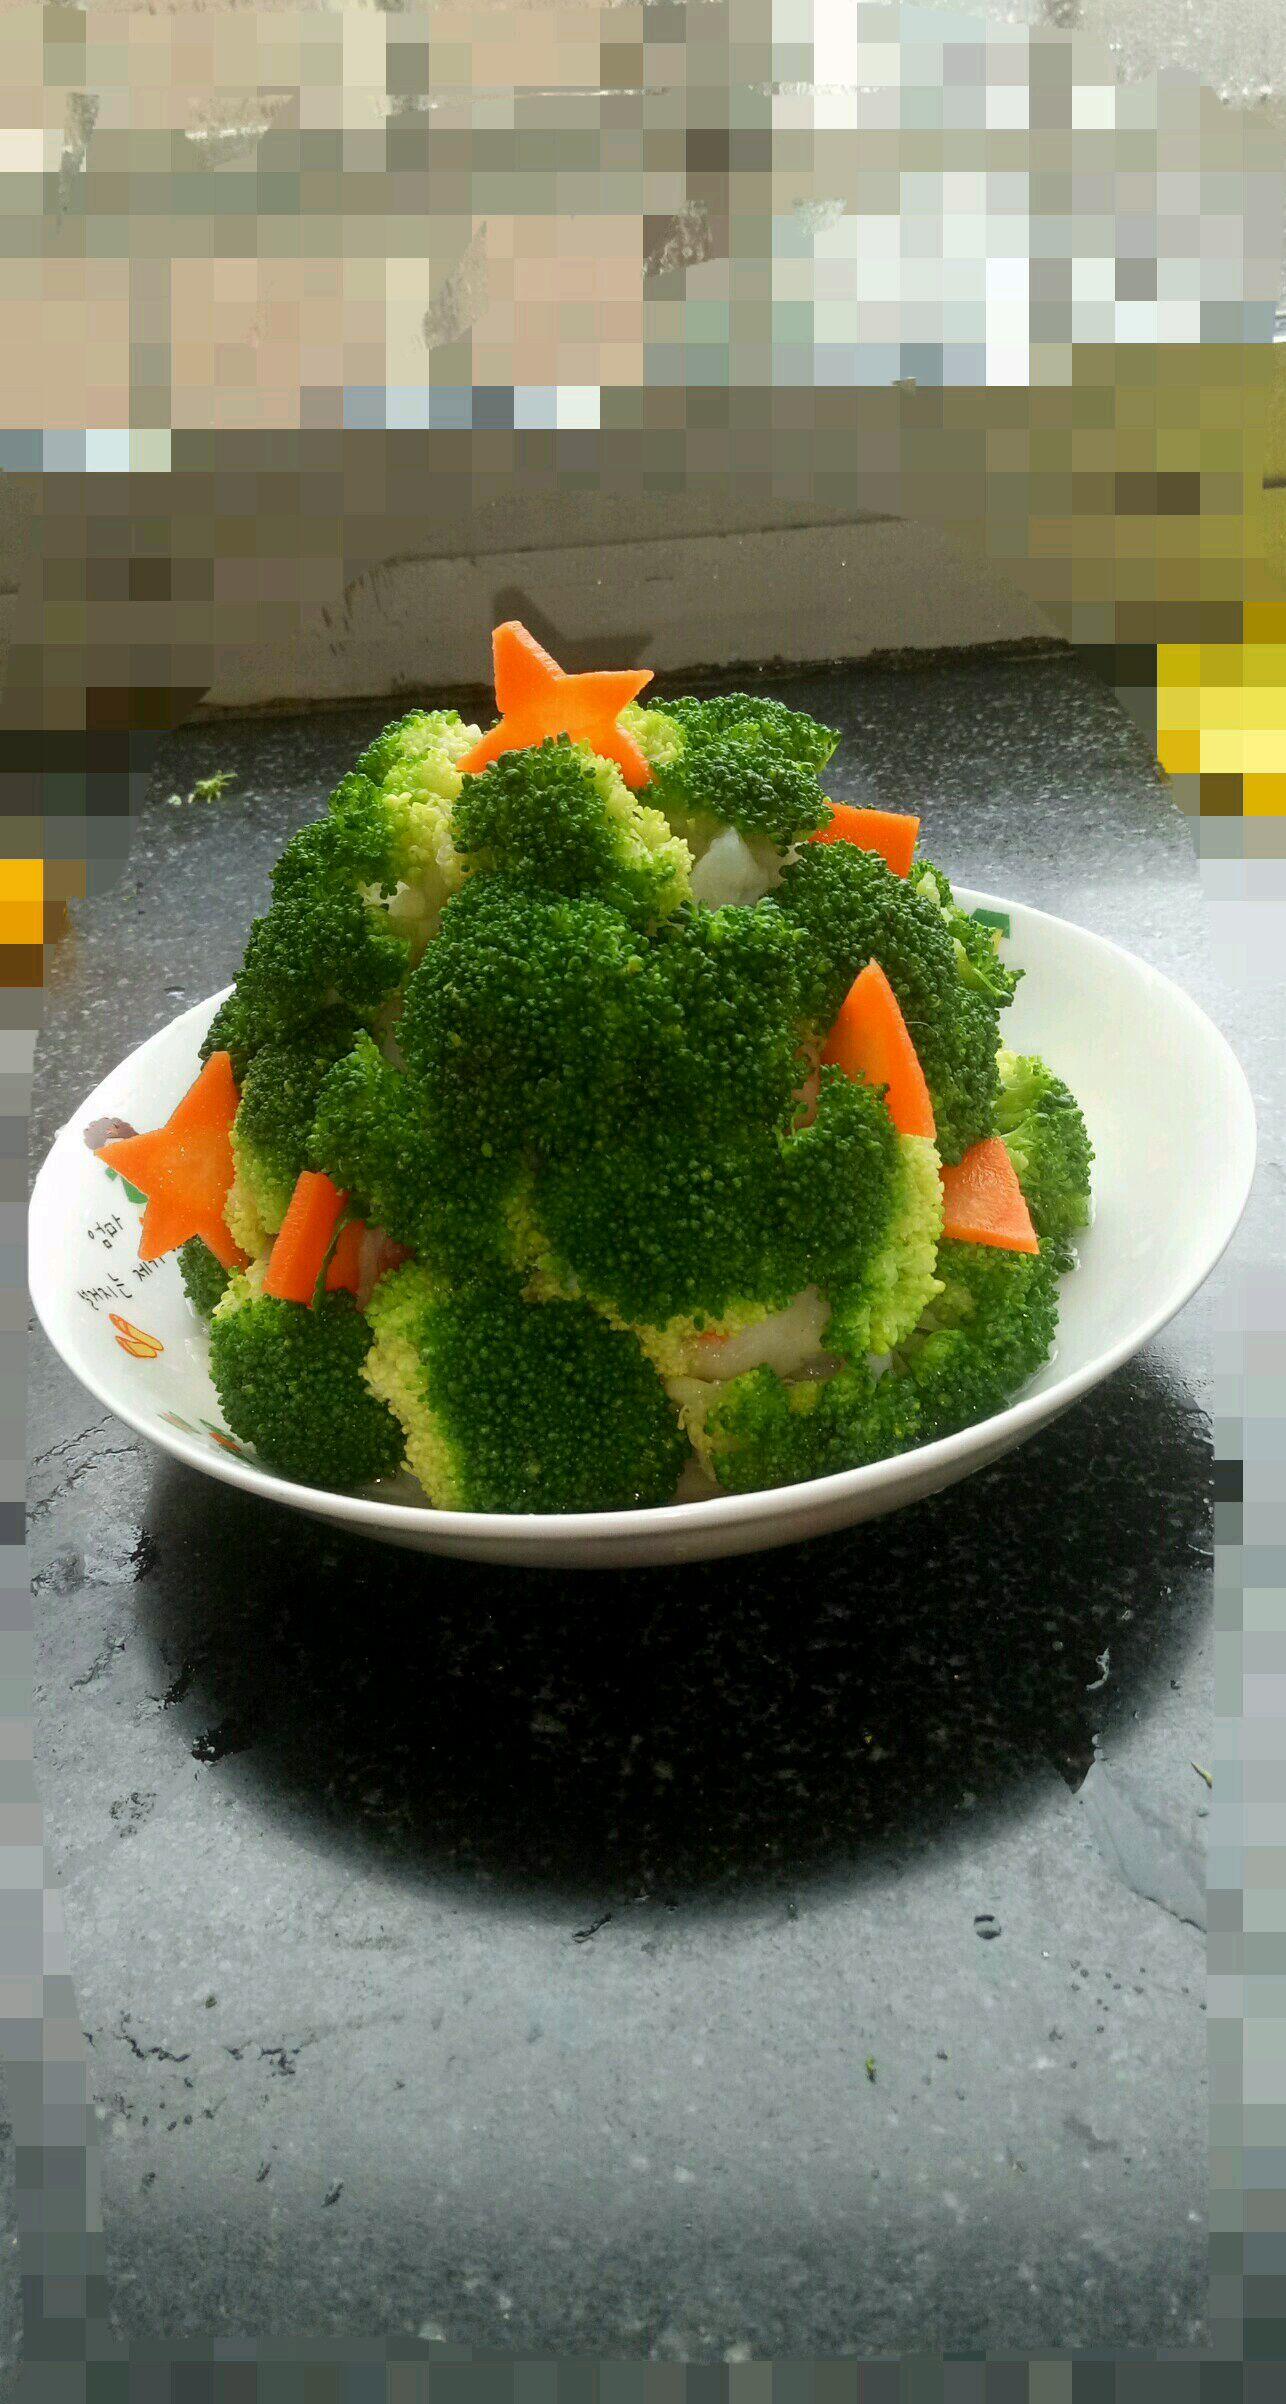 西兰花,又名绿菜花,为1-2年生草本植物,原产于地中海东部沿岸地区,目前我国南北方均有栽培,已成为日常主要蔬菜之一。西兰花营养丰富,含蛋白质、糖、脂肪、维生素和胡萝卜素,营养成份位居同类蔬菜之首,被誉为蔬菜皇冠。